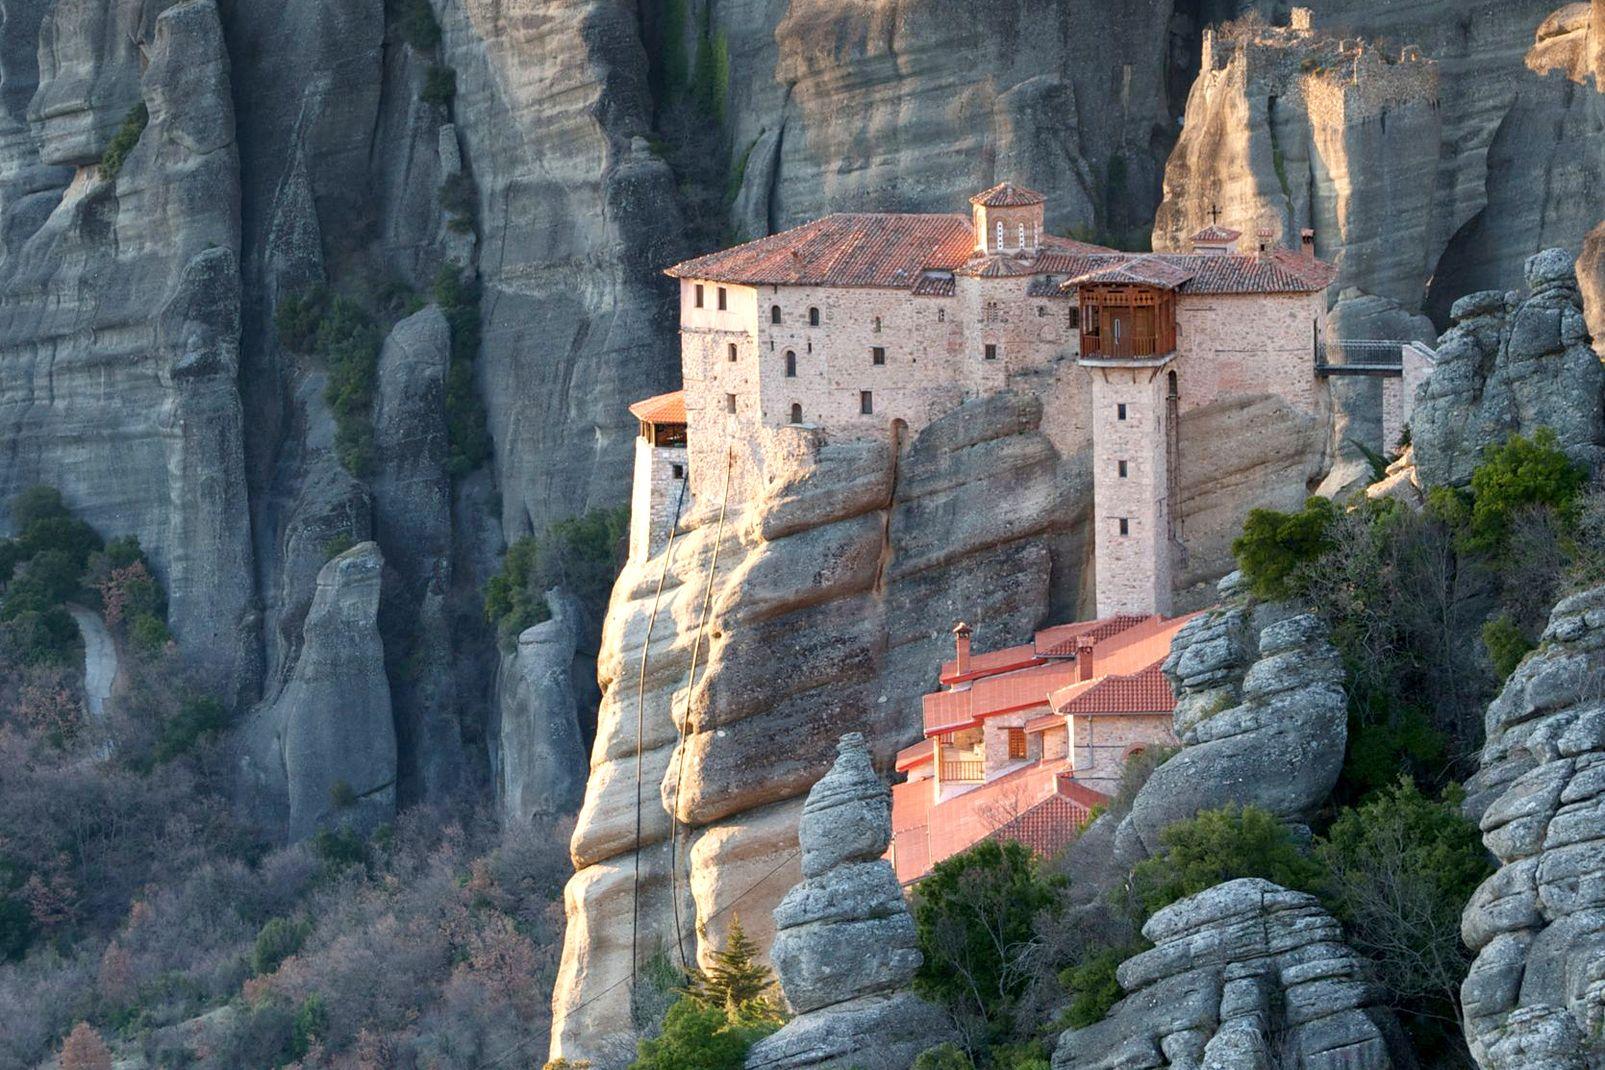 Grecia continental, Grecia